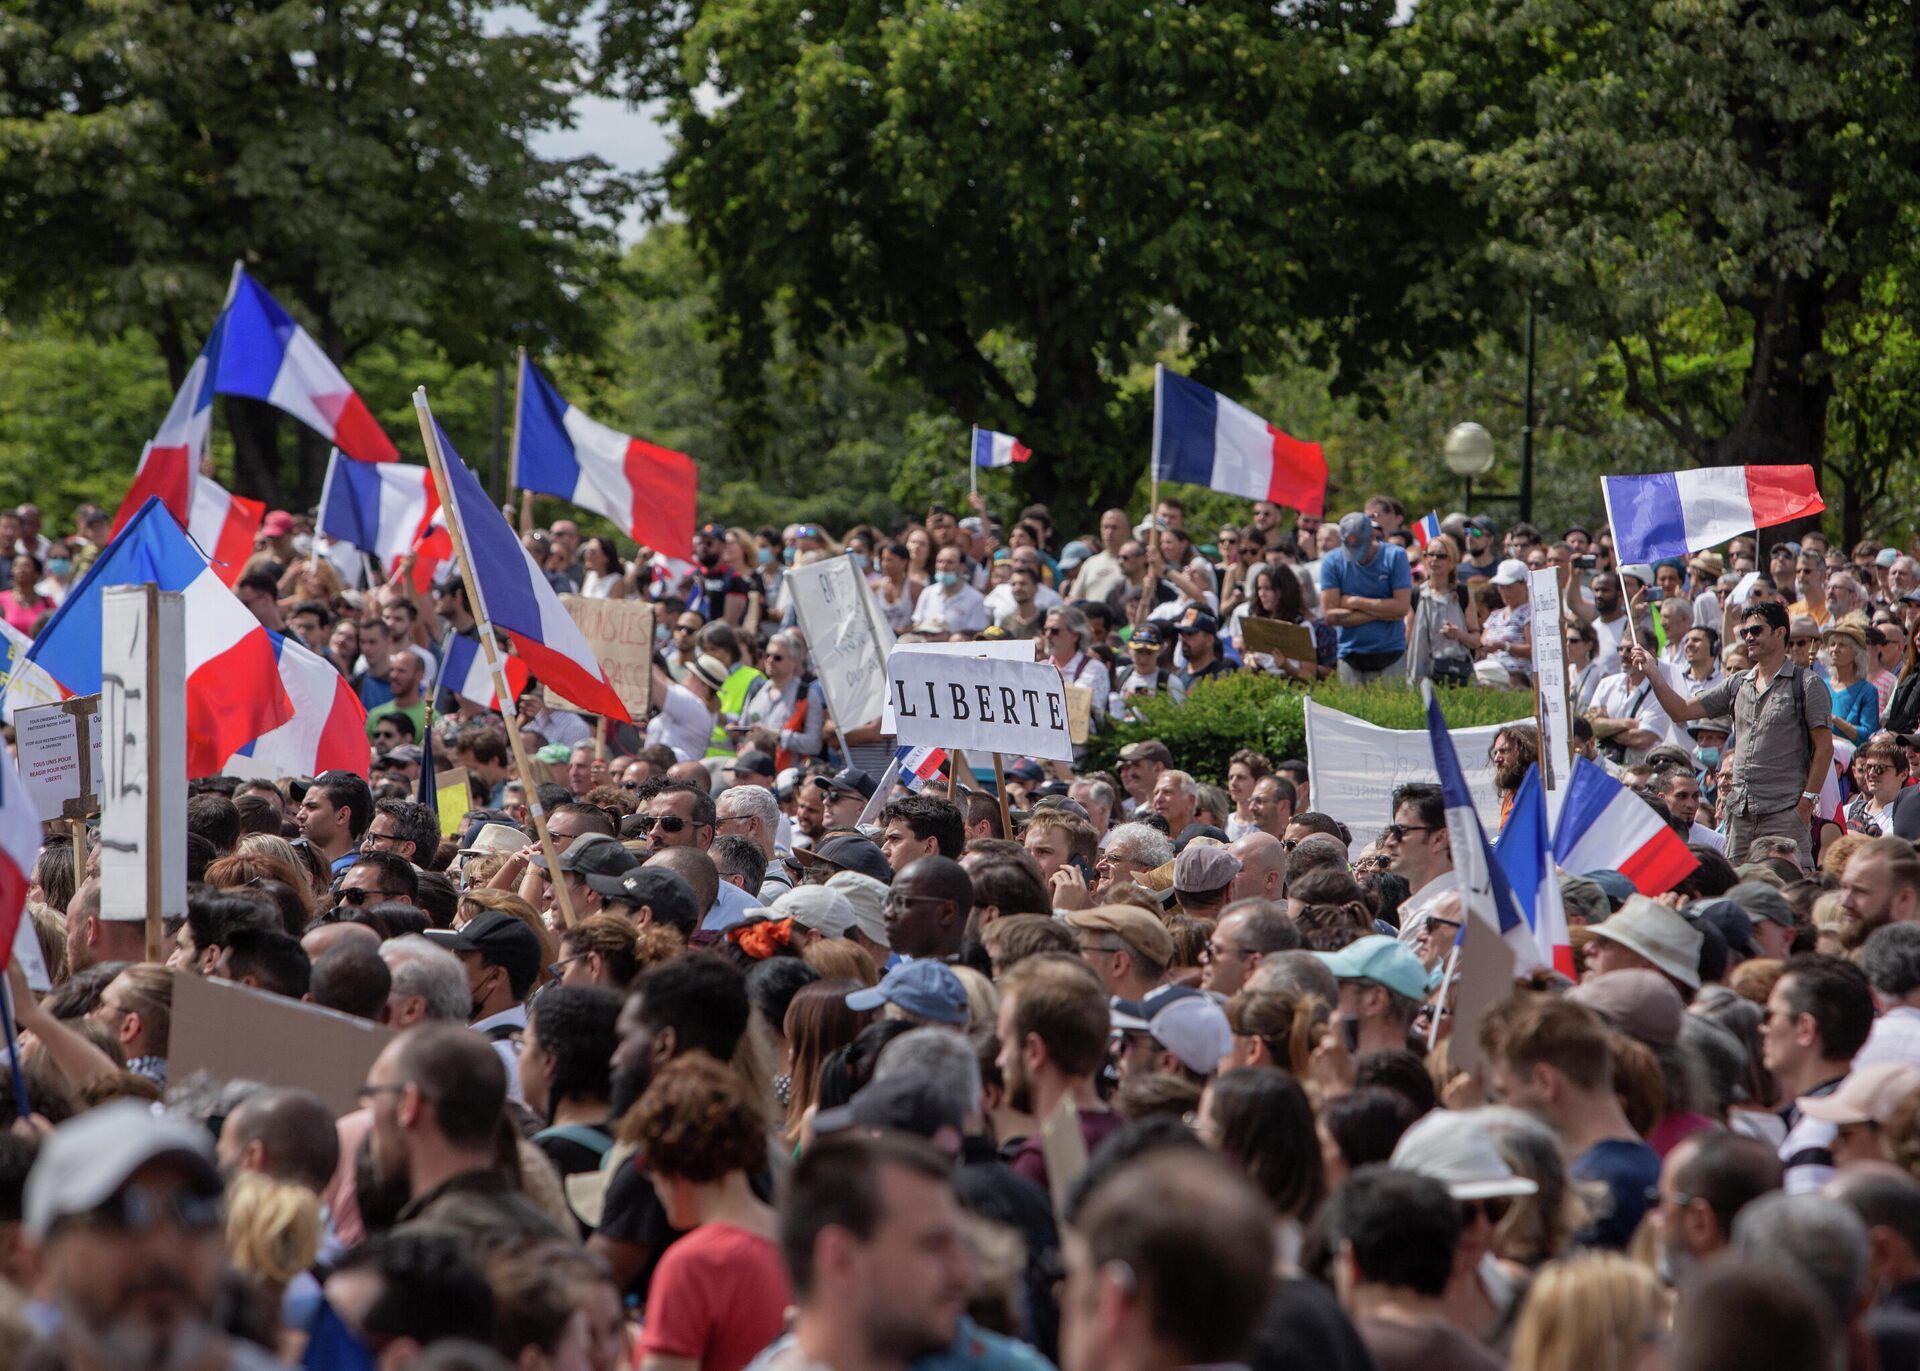 Miles de manifestantes se reúnen en la Plaza del Trocadero cerca de la Torre Eiffel para protestar contra pases sanitarios en París, Francia, el 24 de julio de 2021 - Sputnik Mundo, 1920, 25.07.2021